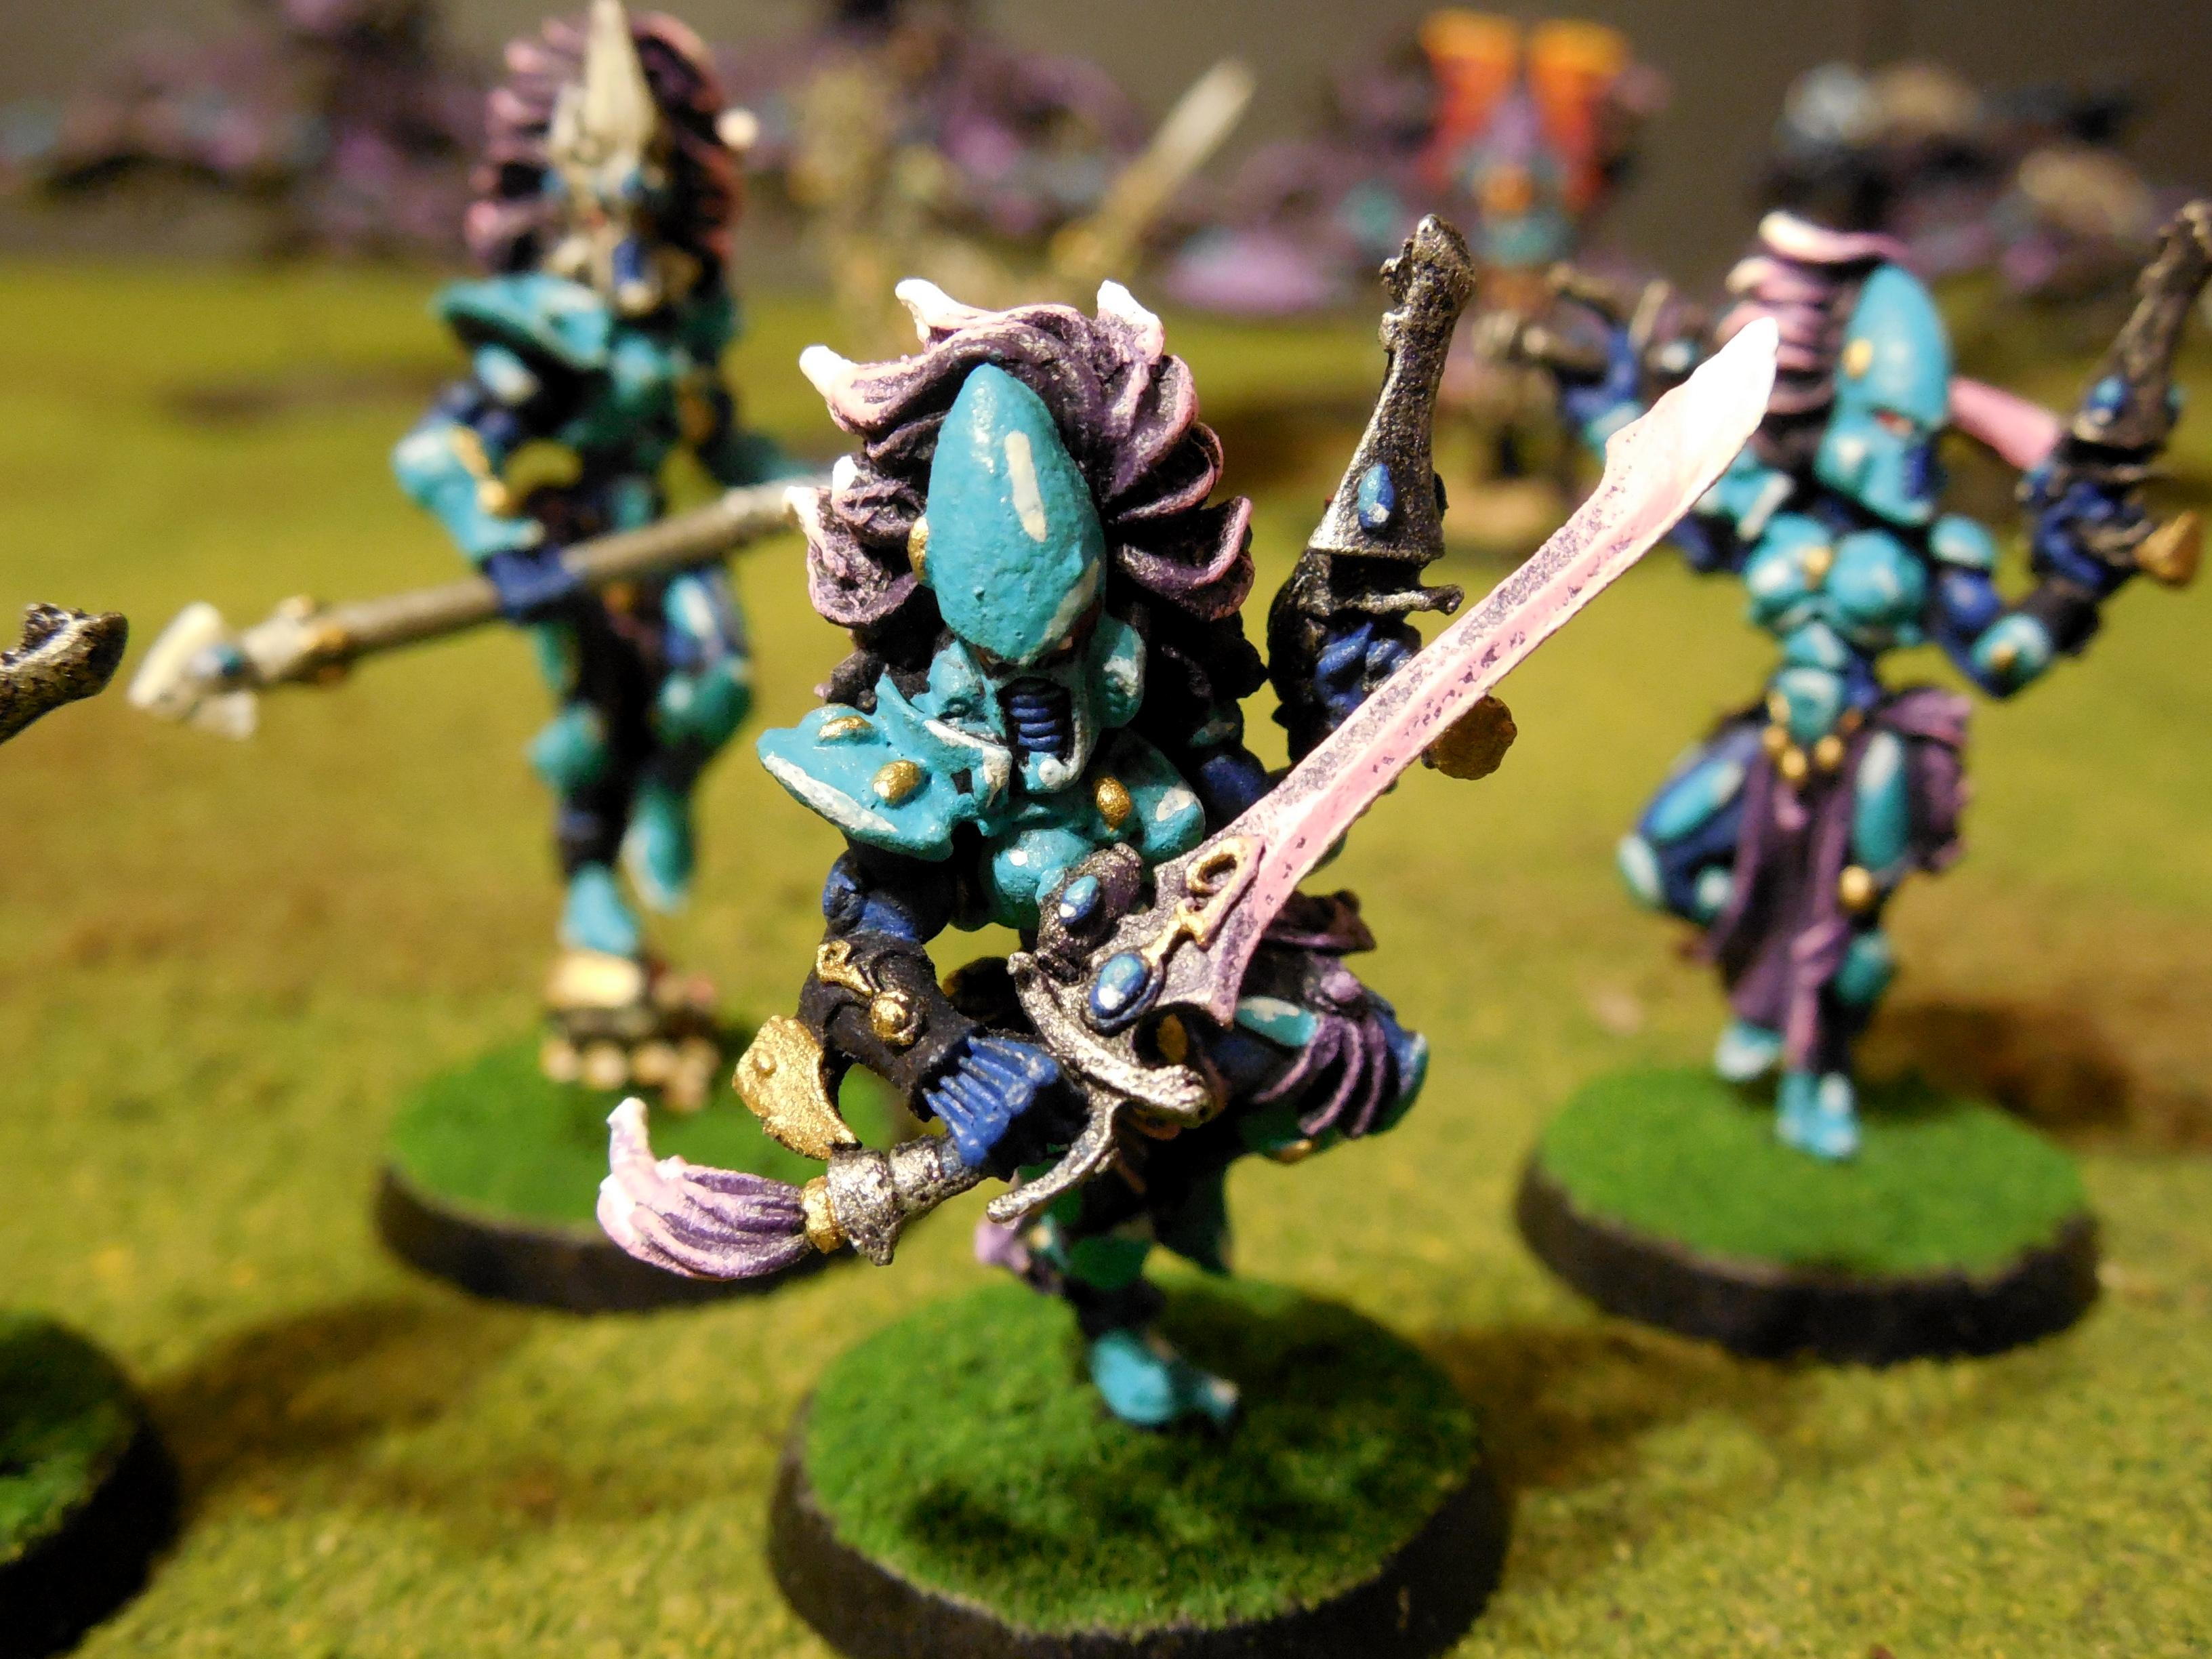 Banshees, Eldar, Warhammer 40,000